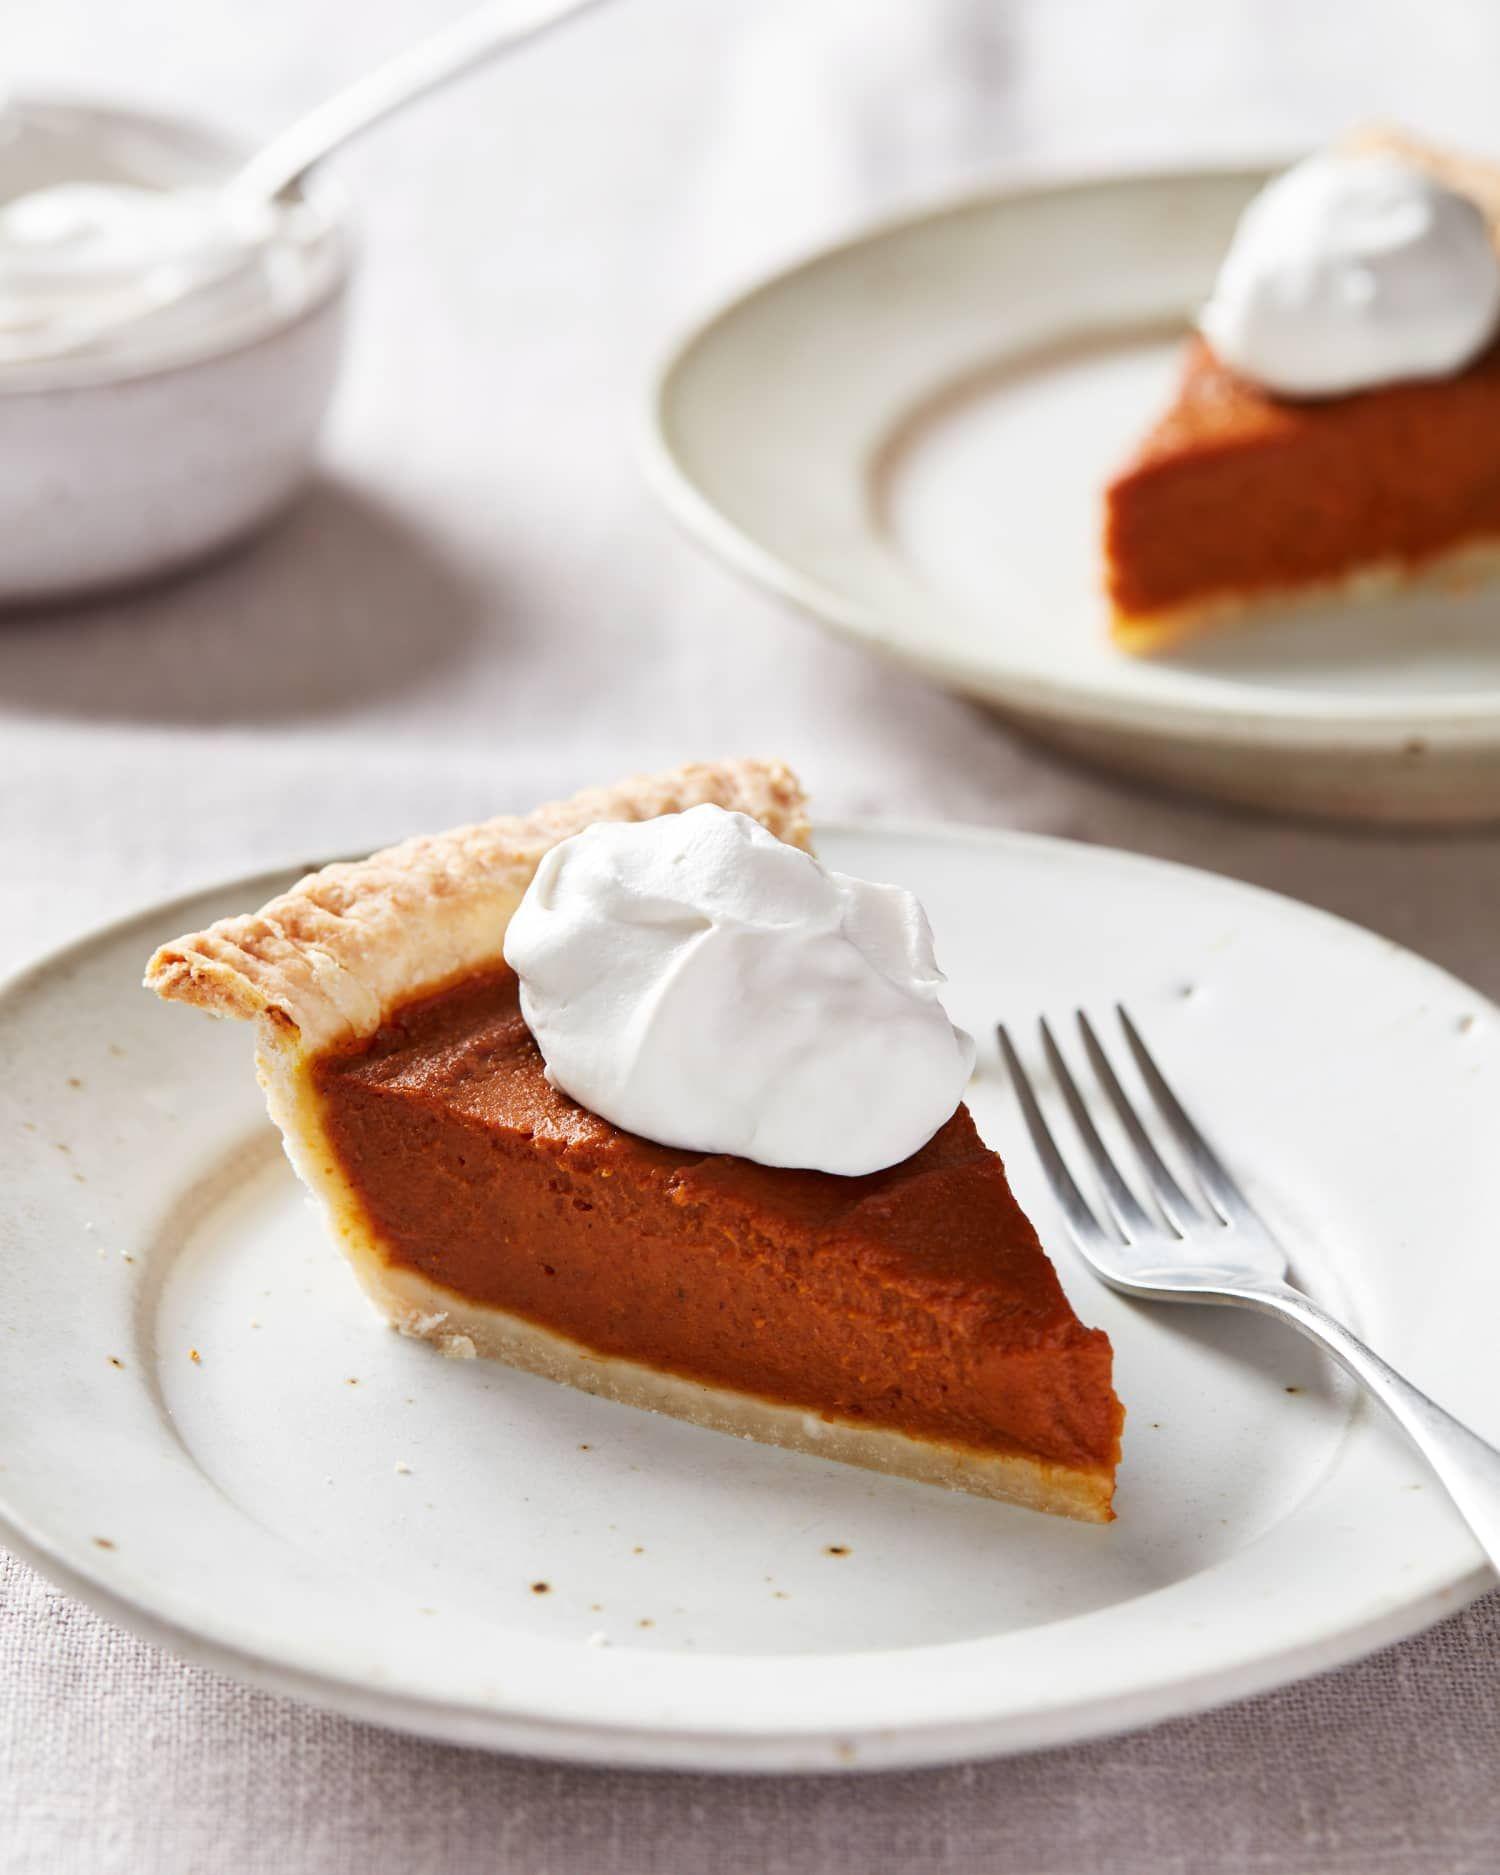 How To Make The Best Vegan Pumpkin Pie Recipe In 2020 Vegan Pumpkin Pie Vegan Pumpkin Vegan Pumpkin Pie Recipe